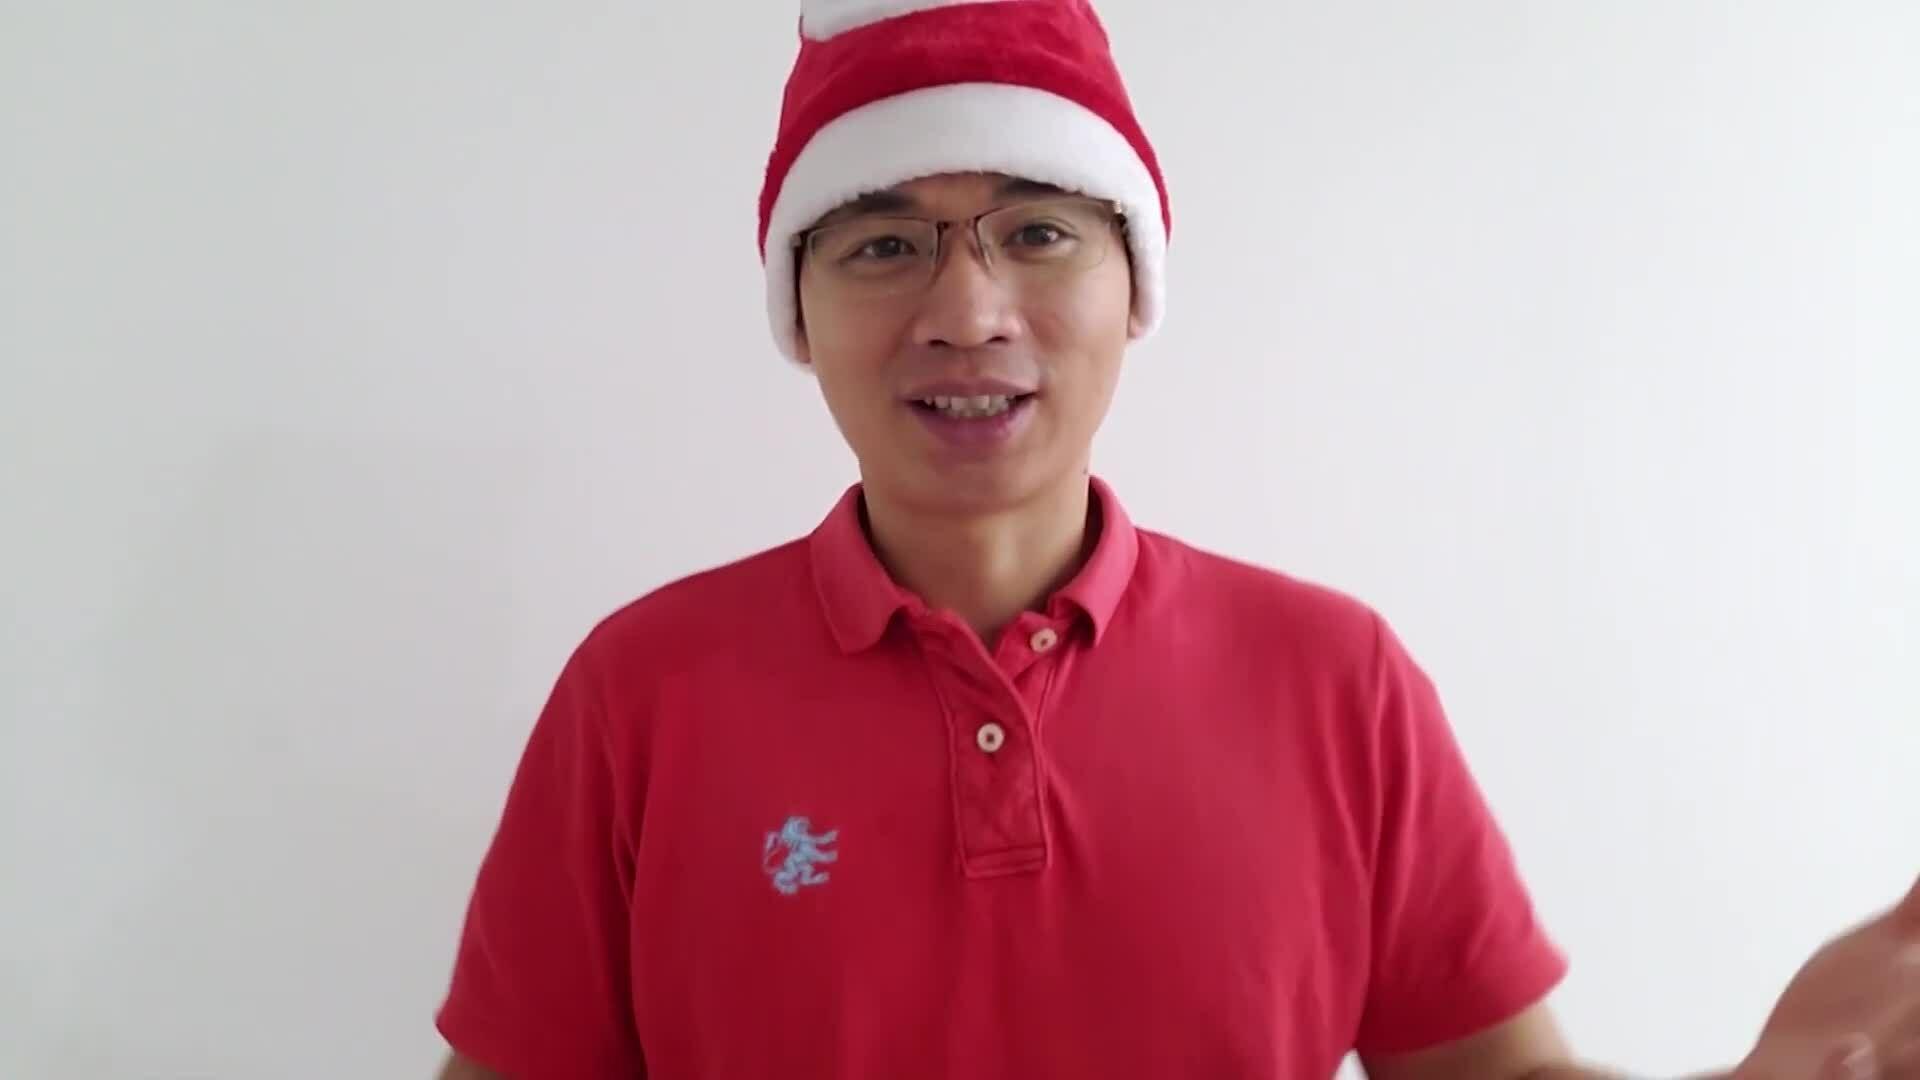 Phát âm các từ tiếng Anh về Giáng sinh